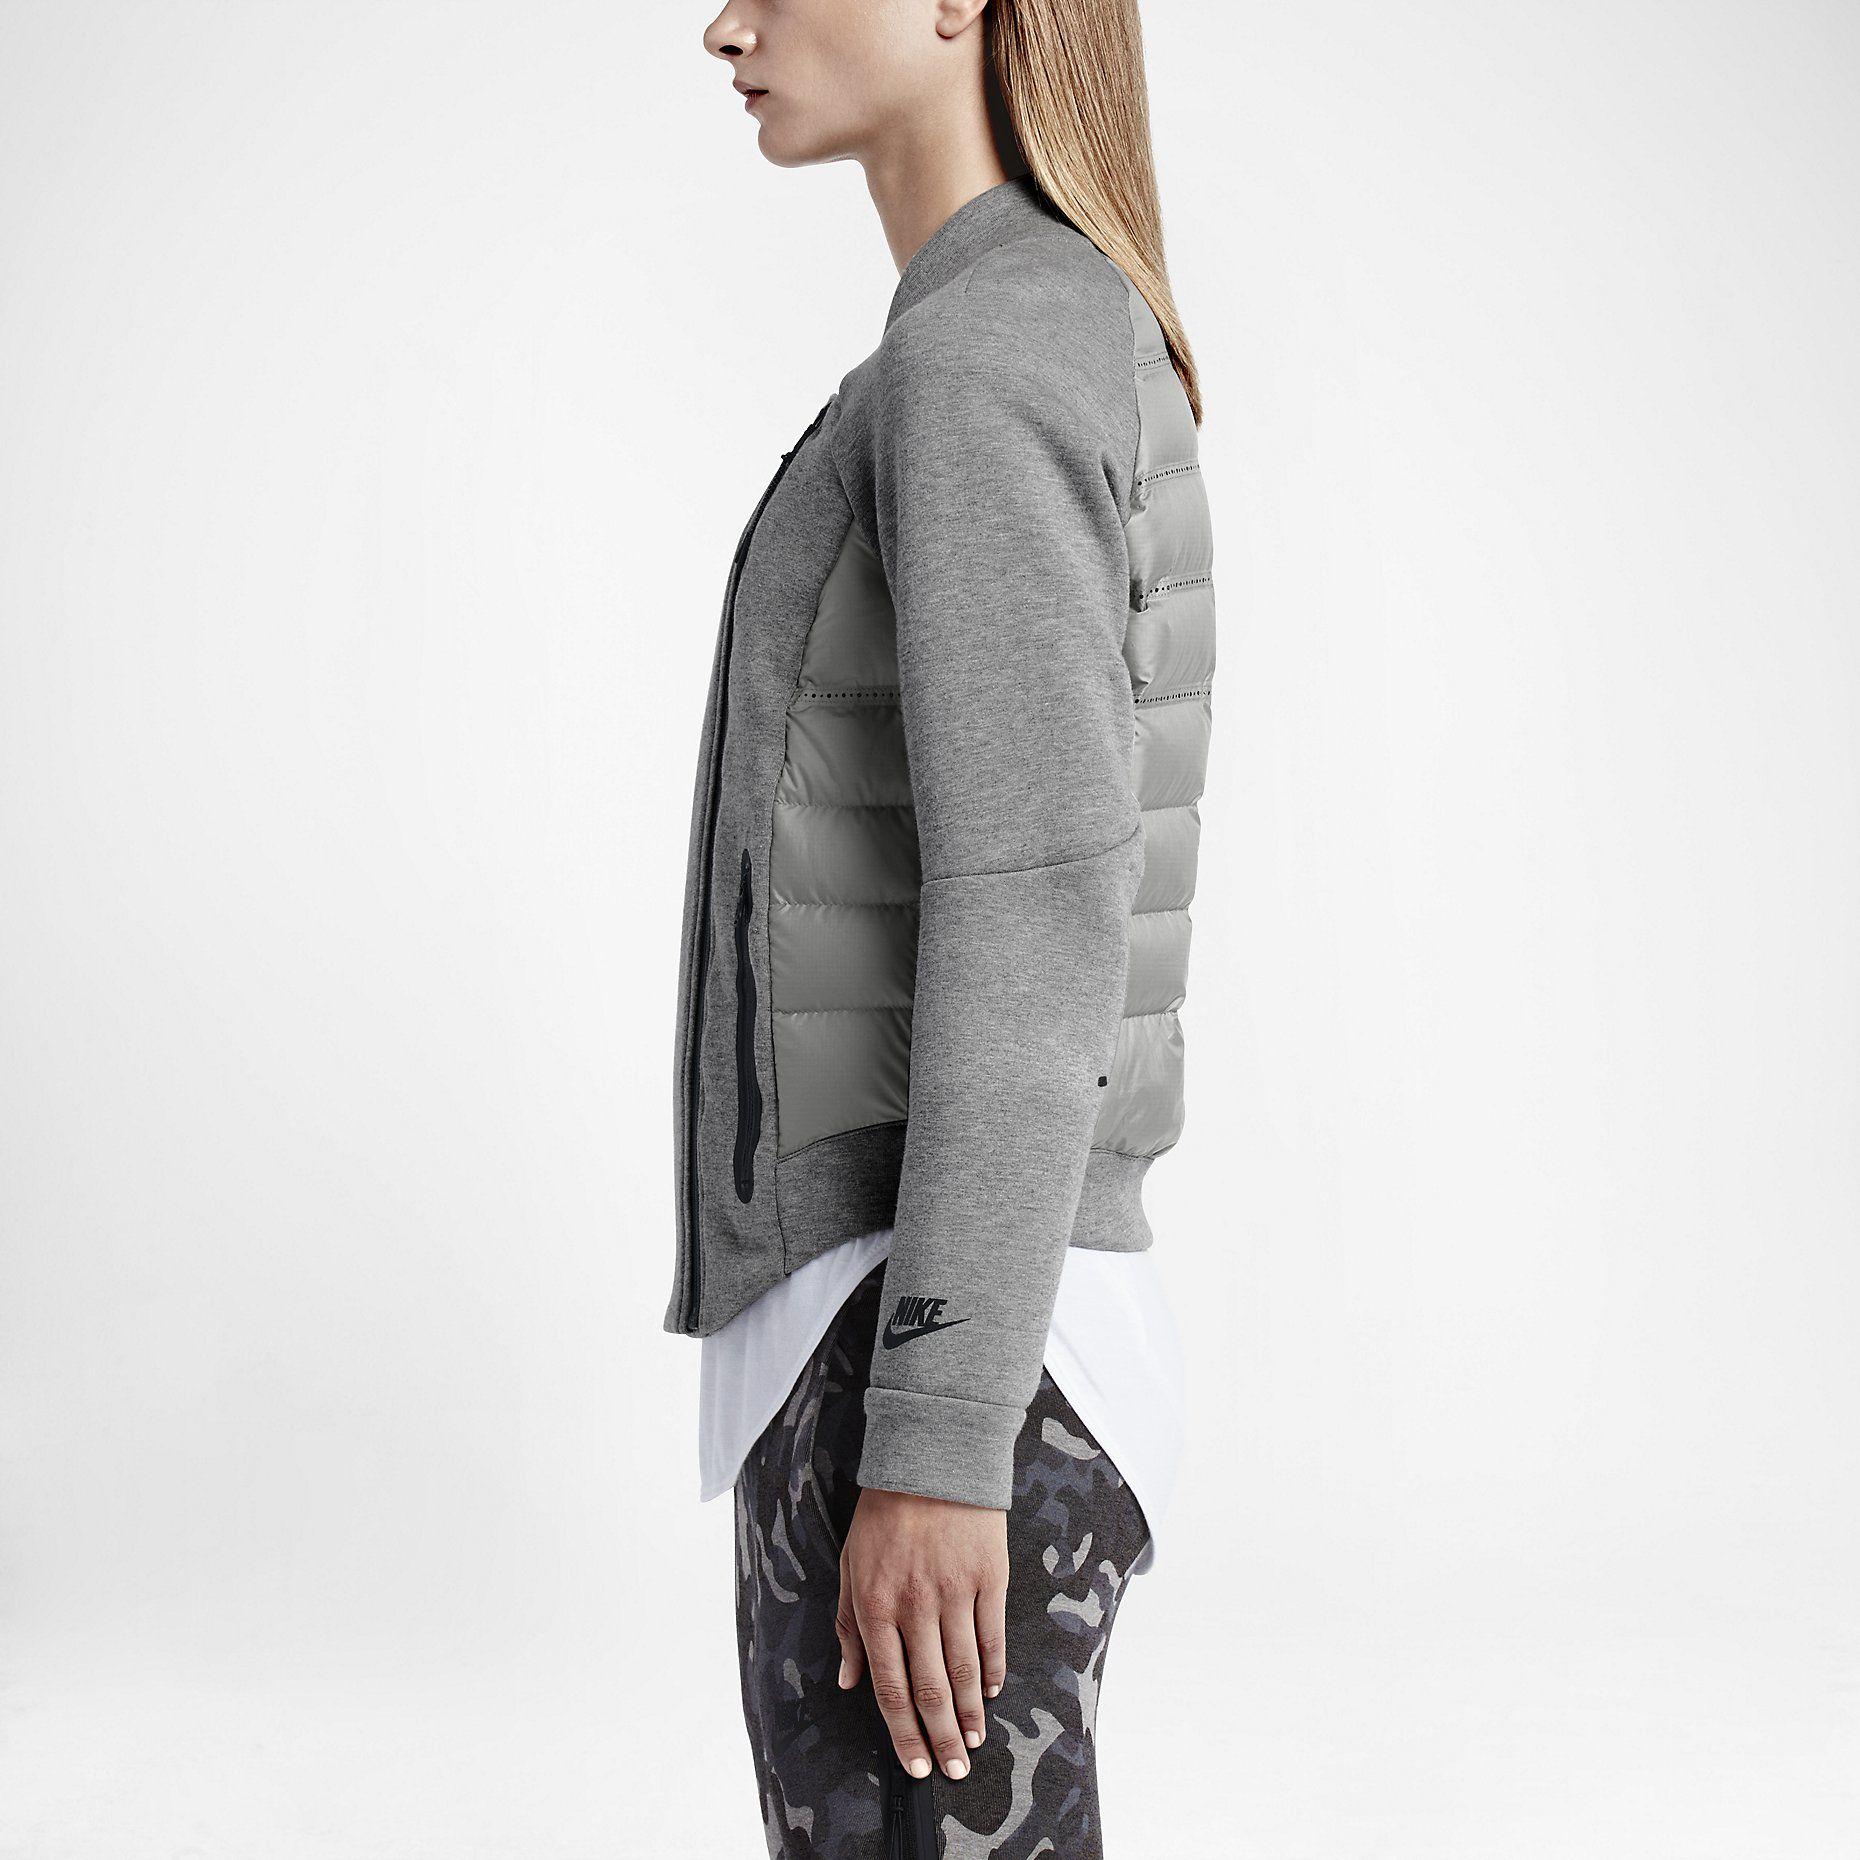 Nike Tech Fleece Aeroloft Moto Women's Jacket. di